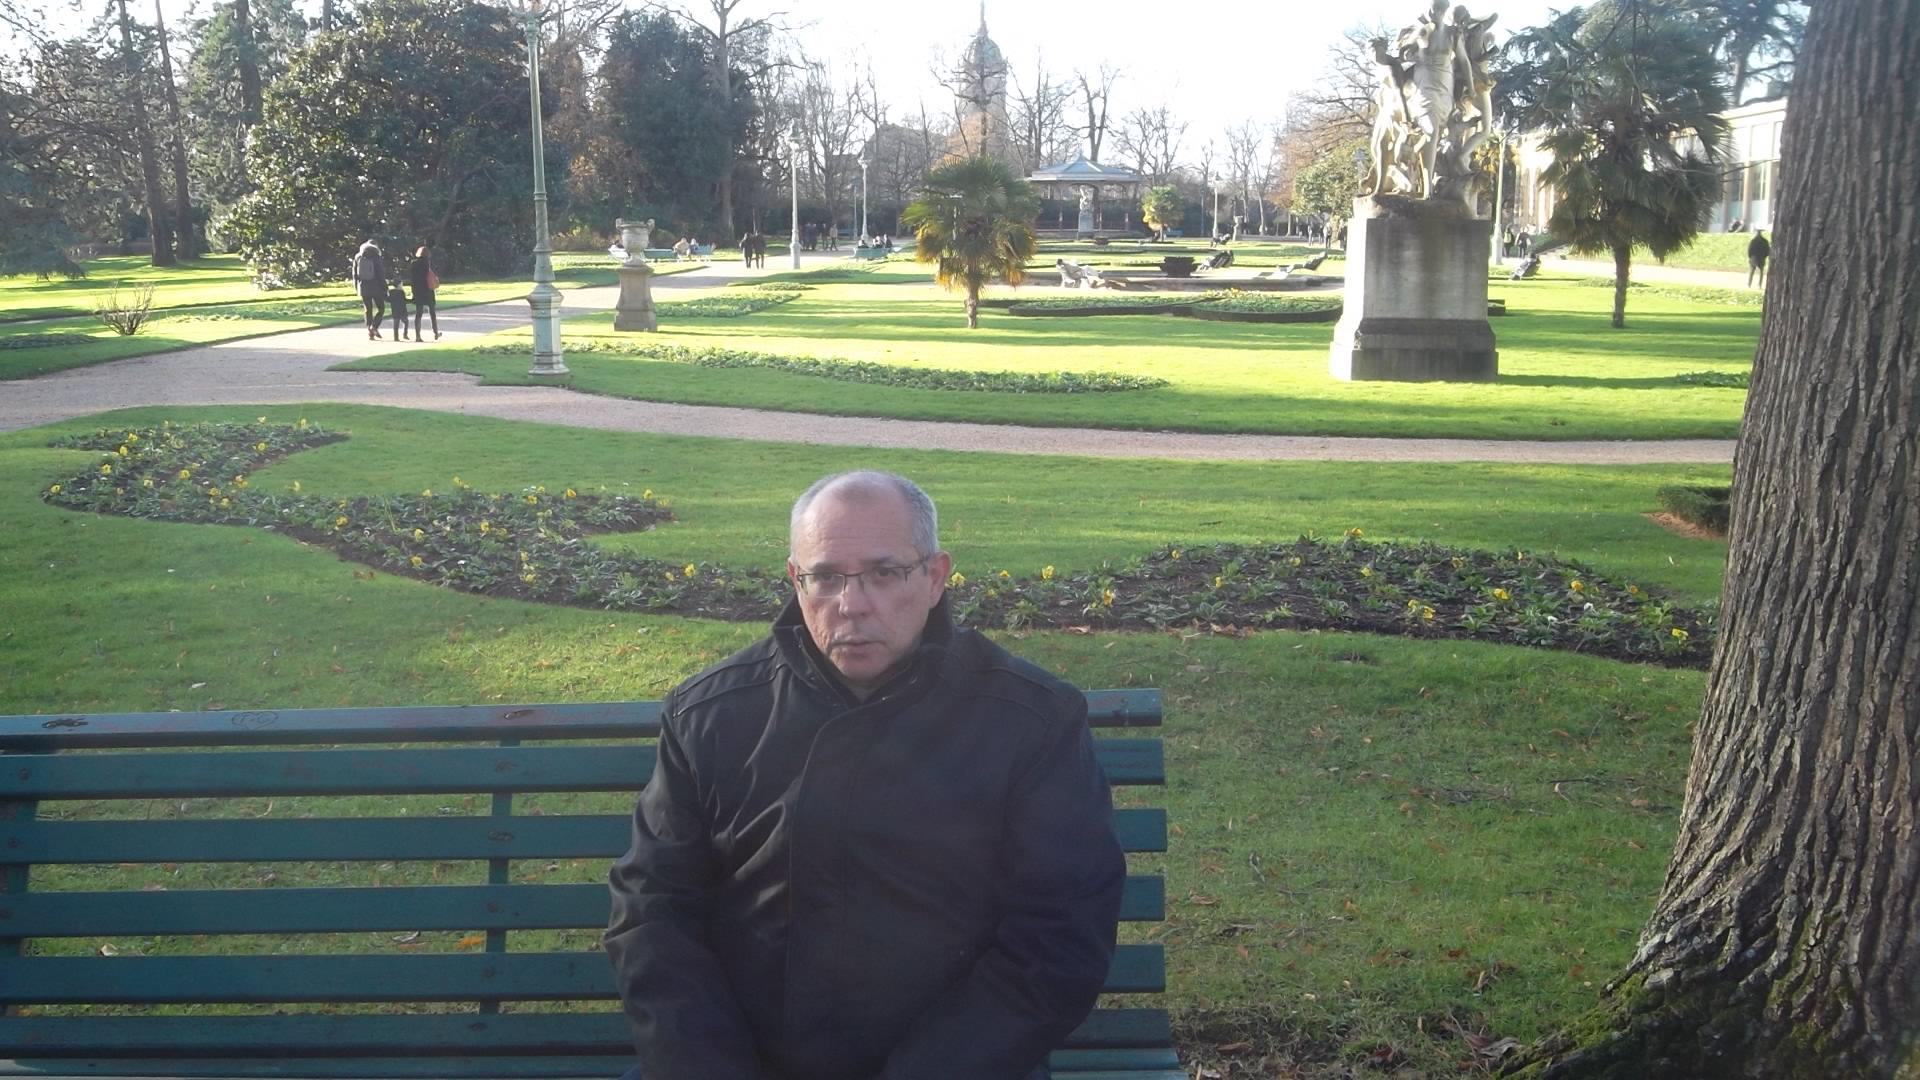 rennes-parc-thabor-to-parterre-jardin-a-la-francaise-pf-29dec13